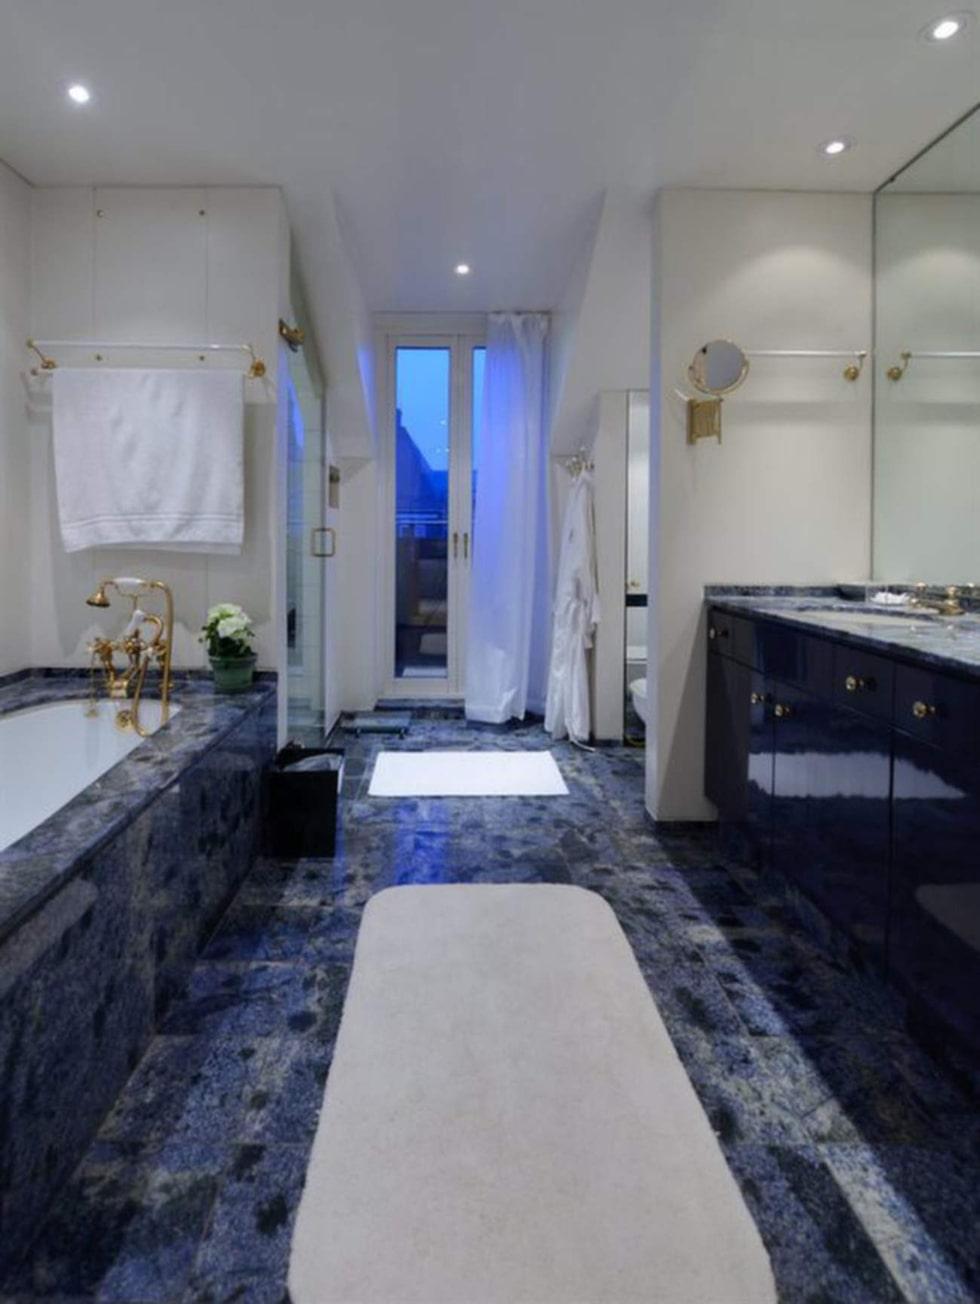 Badrum med blå brasiliansk granit.